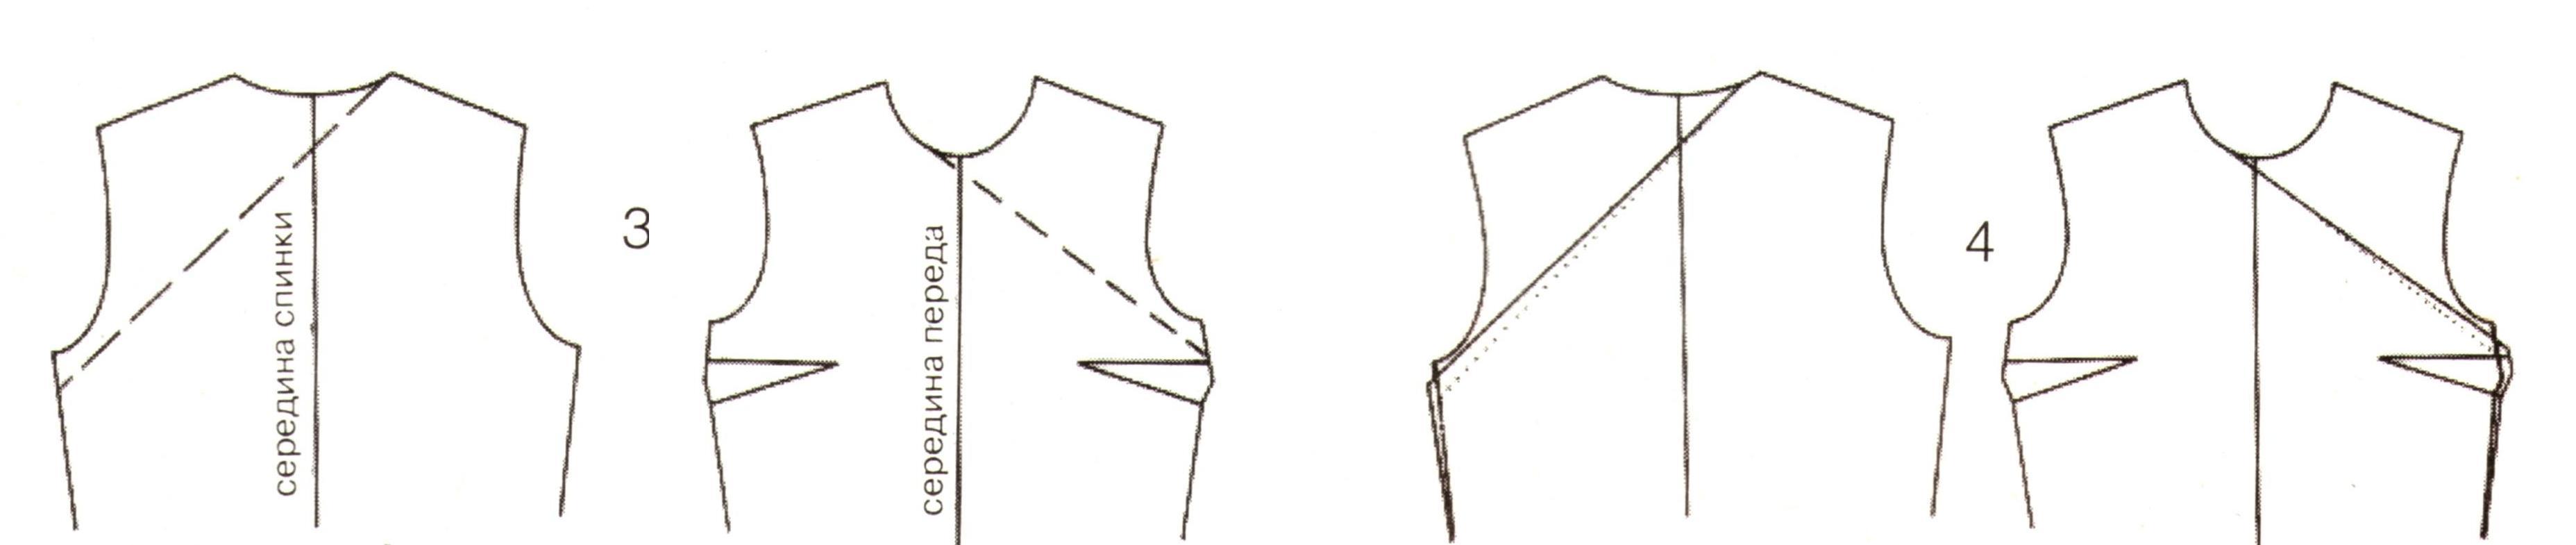 Корректировка выкройки (3-4)